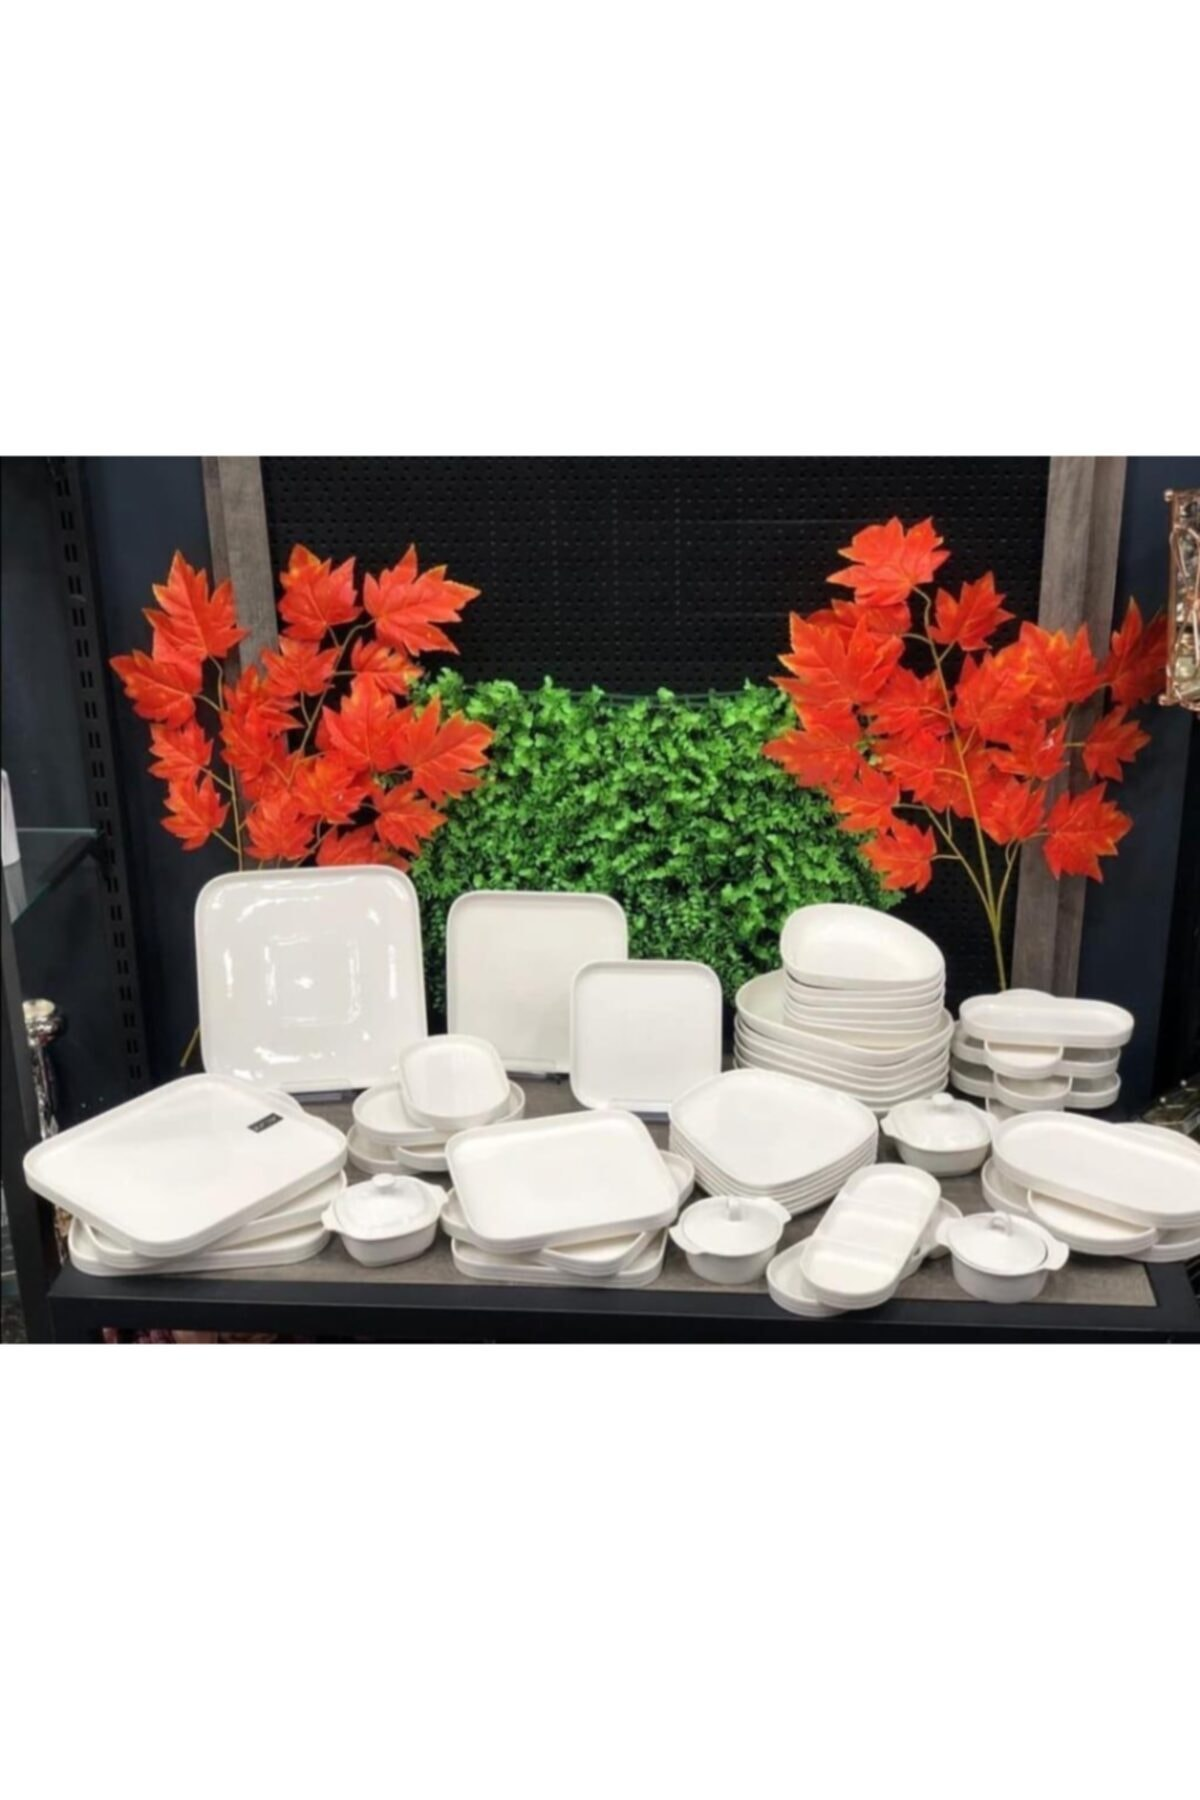 ACAR Bone Porselen 20x13 Cm 6'lı Oval Kayık Tabak 10345 2